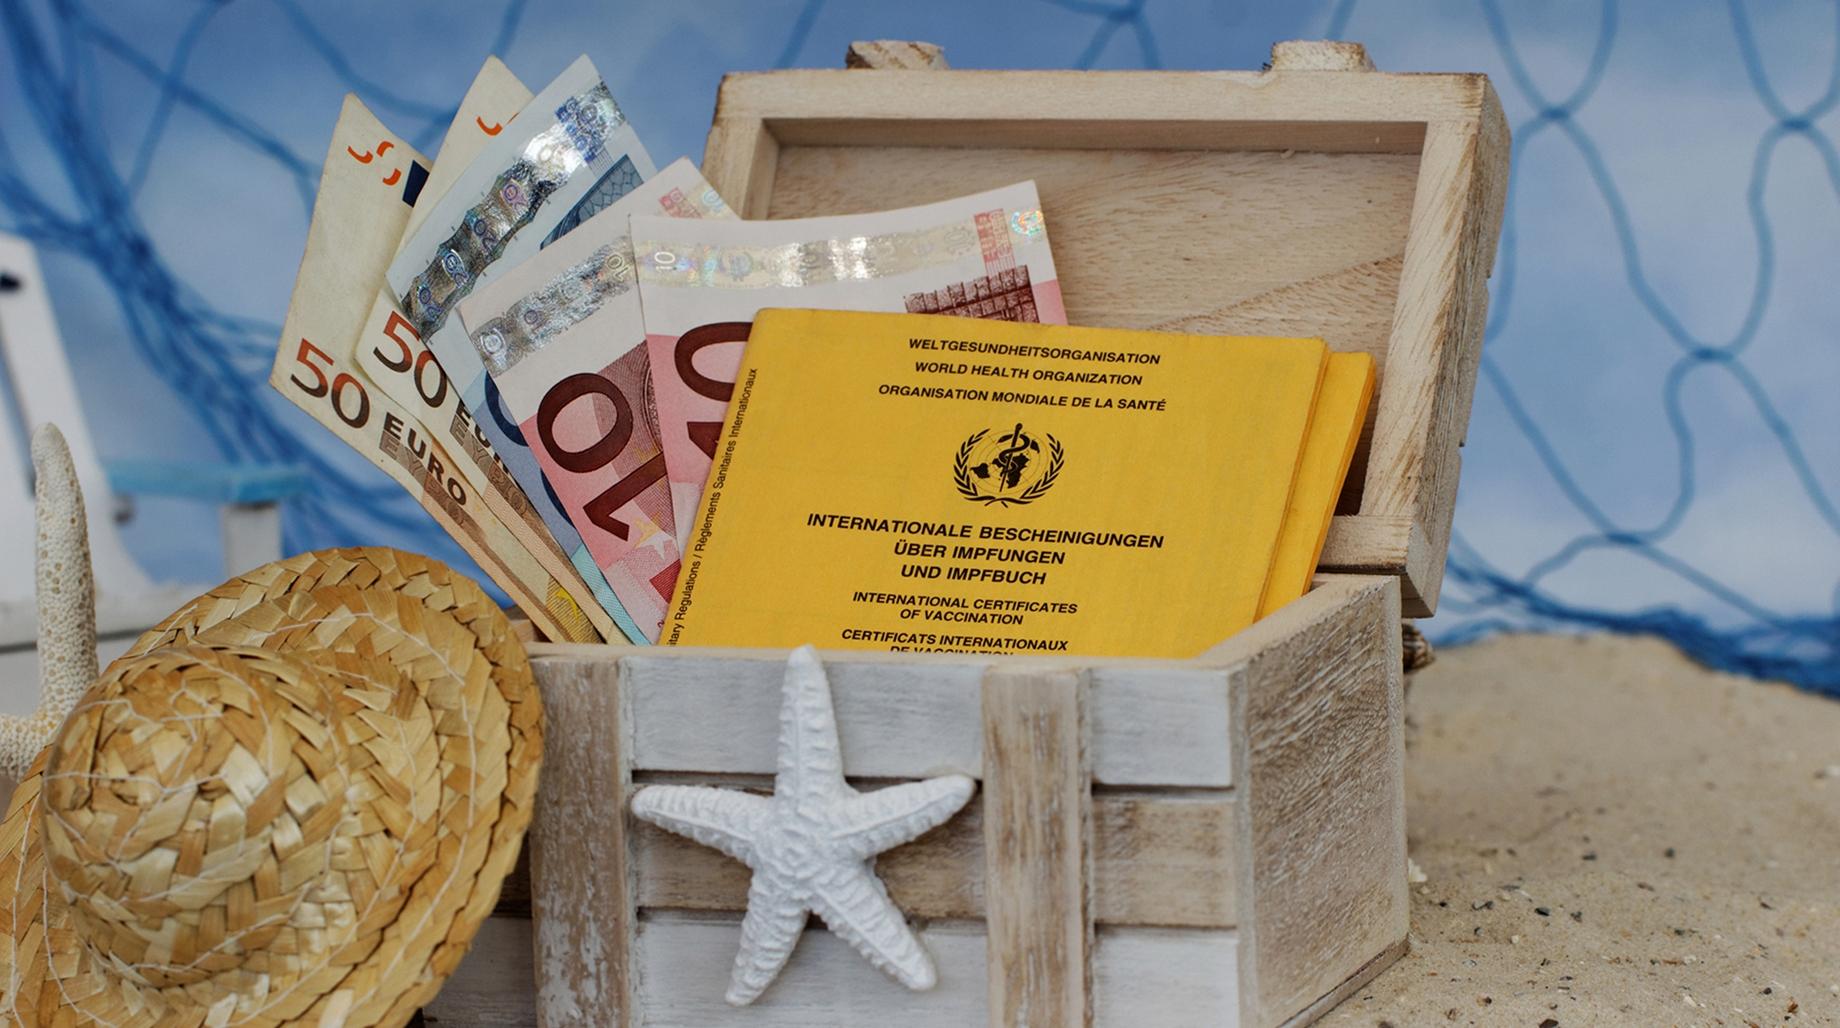 Reisekasse mit Euroscheinen und Impfpass.